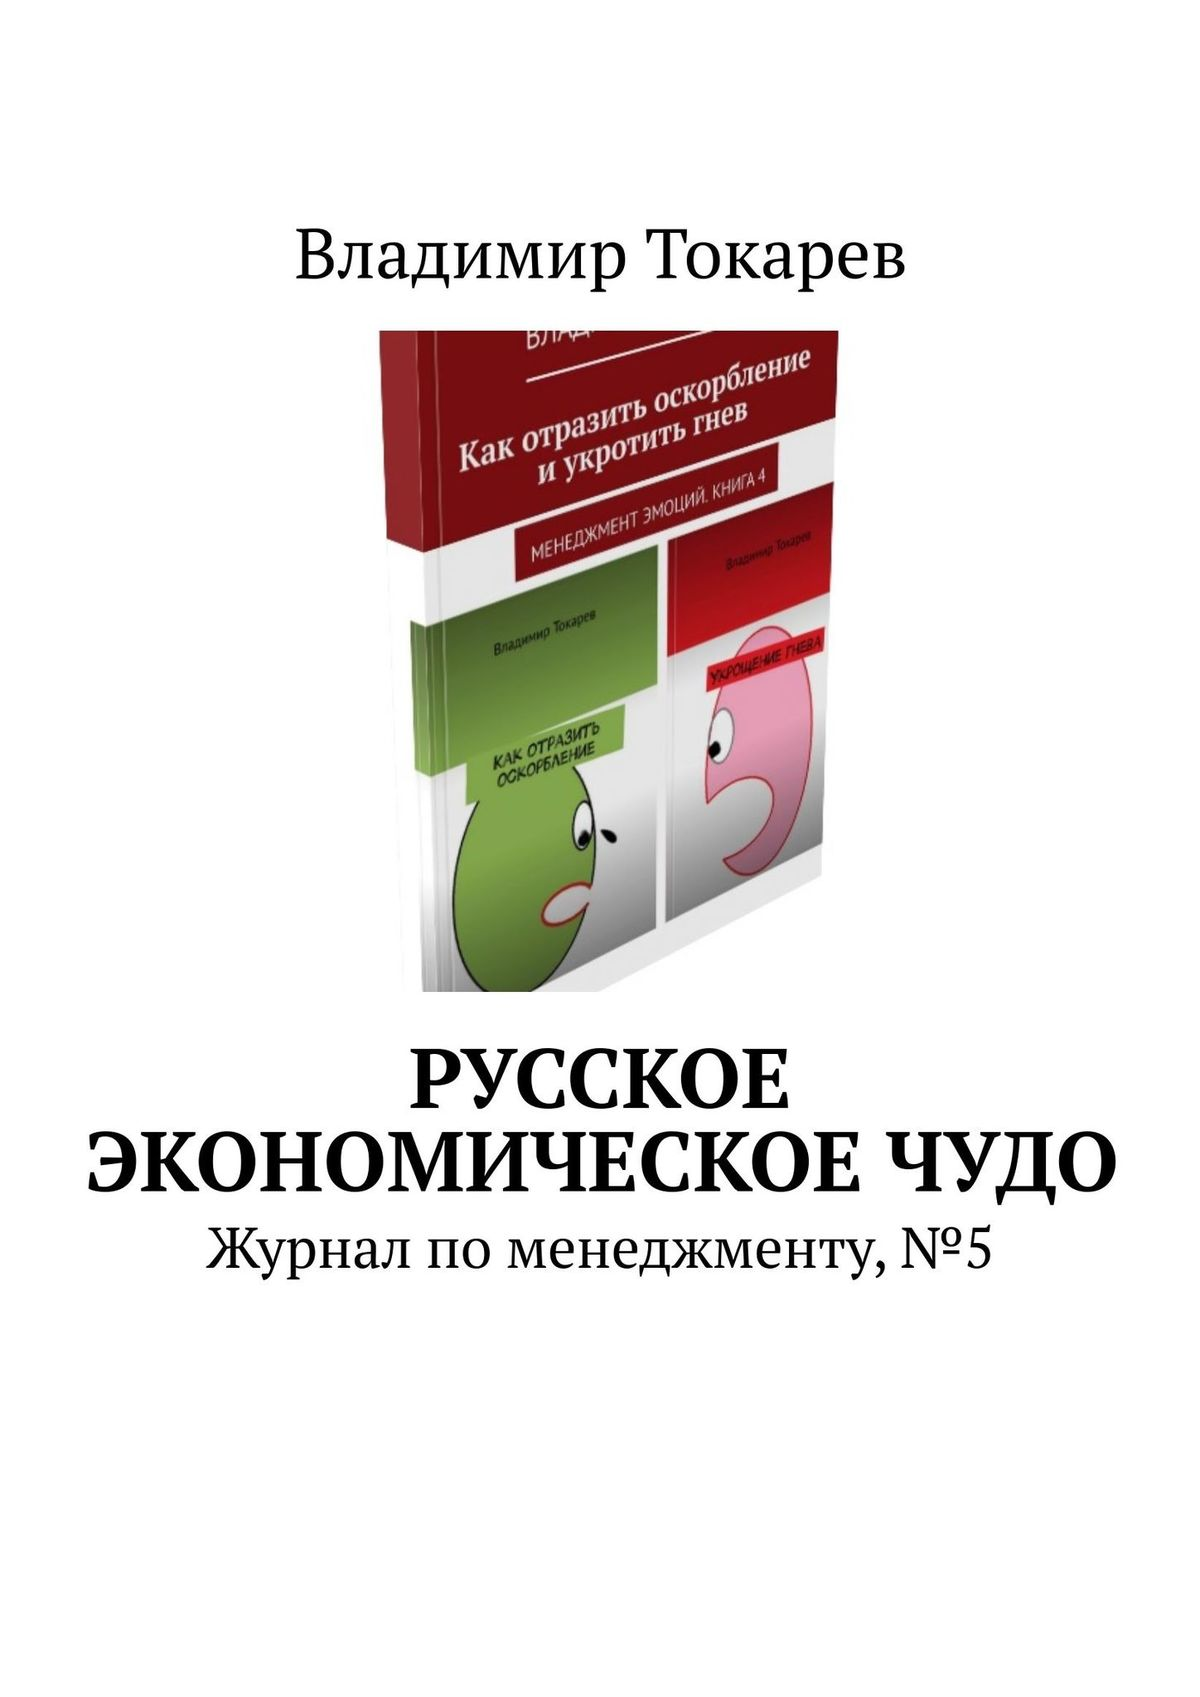 Владимир Токарев Журнал «Русский менеджмент». Номер 1(5) – 2017 владимир токарев журнал испытание рассказом – 2